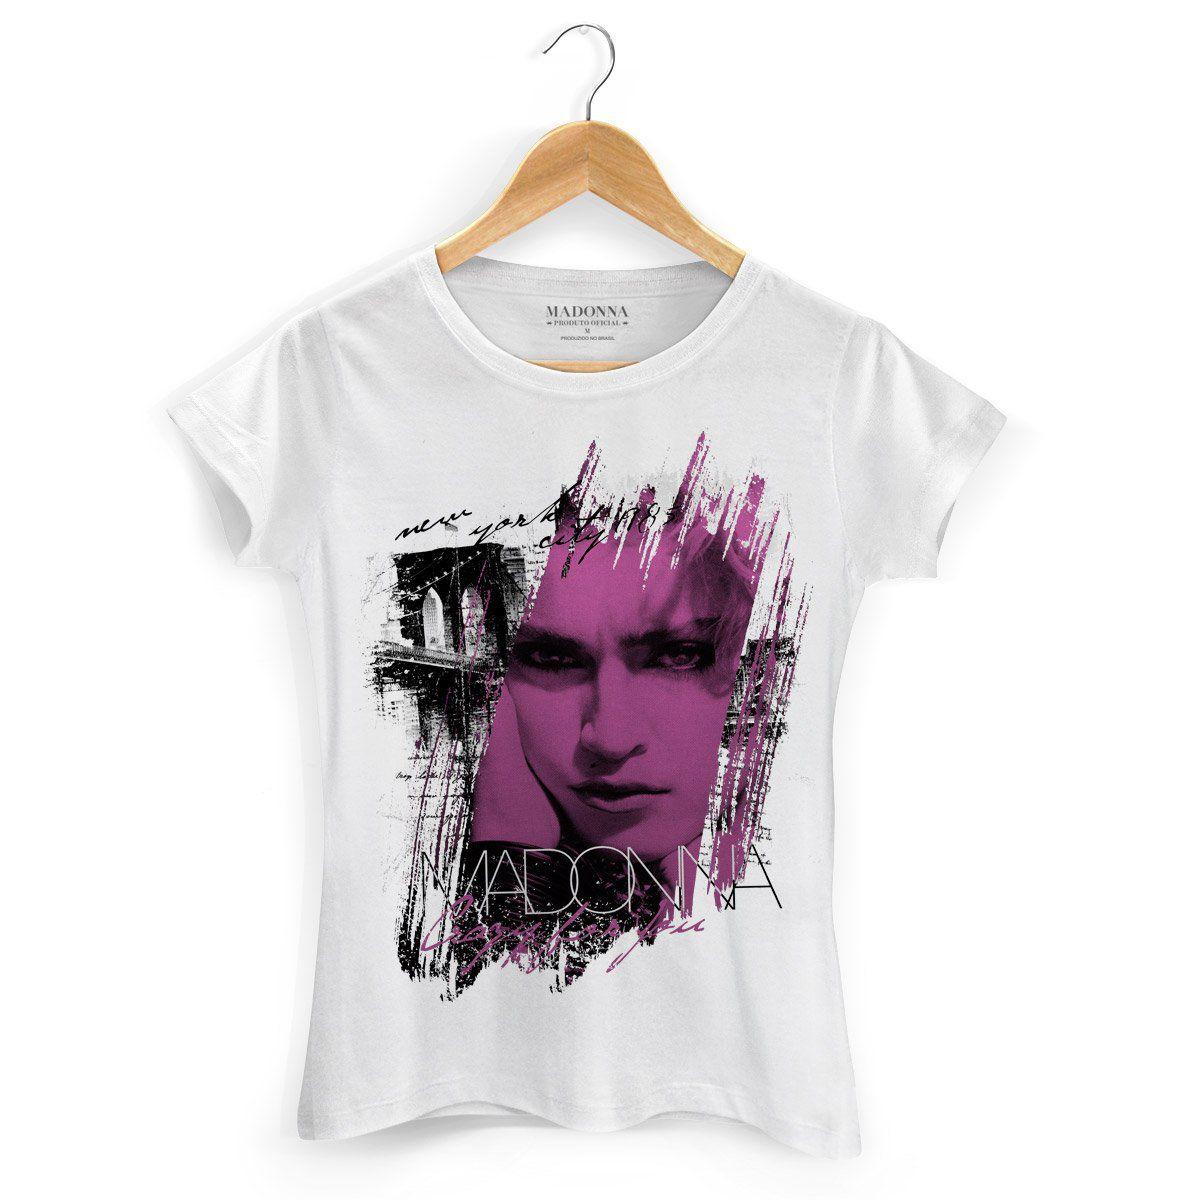 Camiseta Feminina Madonna Crazy For You  - bandUP Store Marketplace